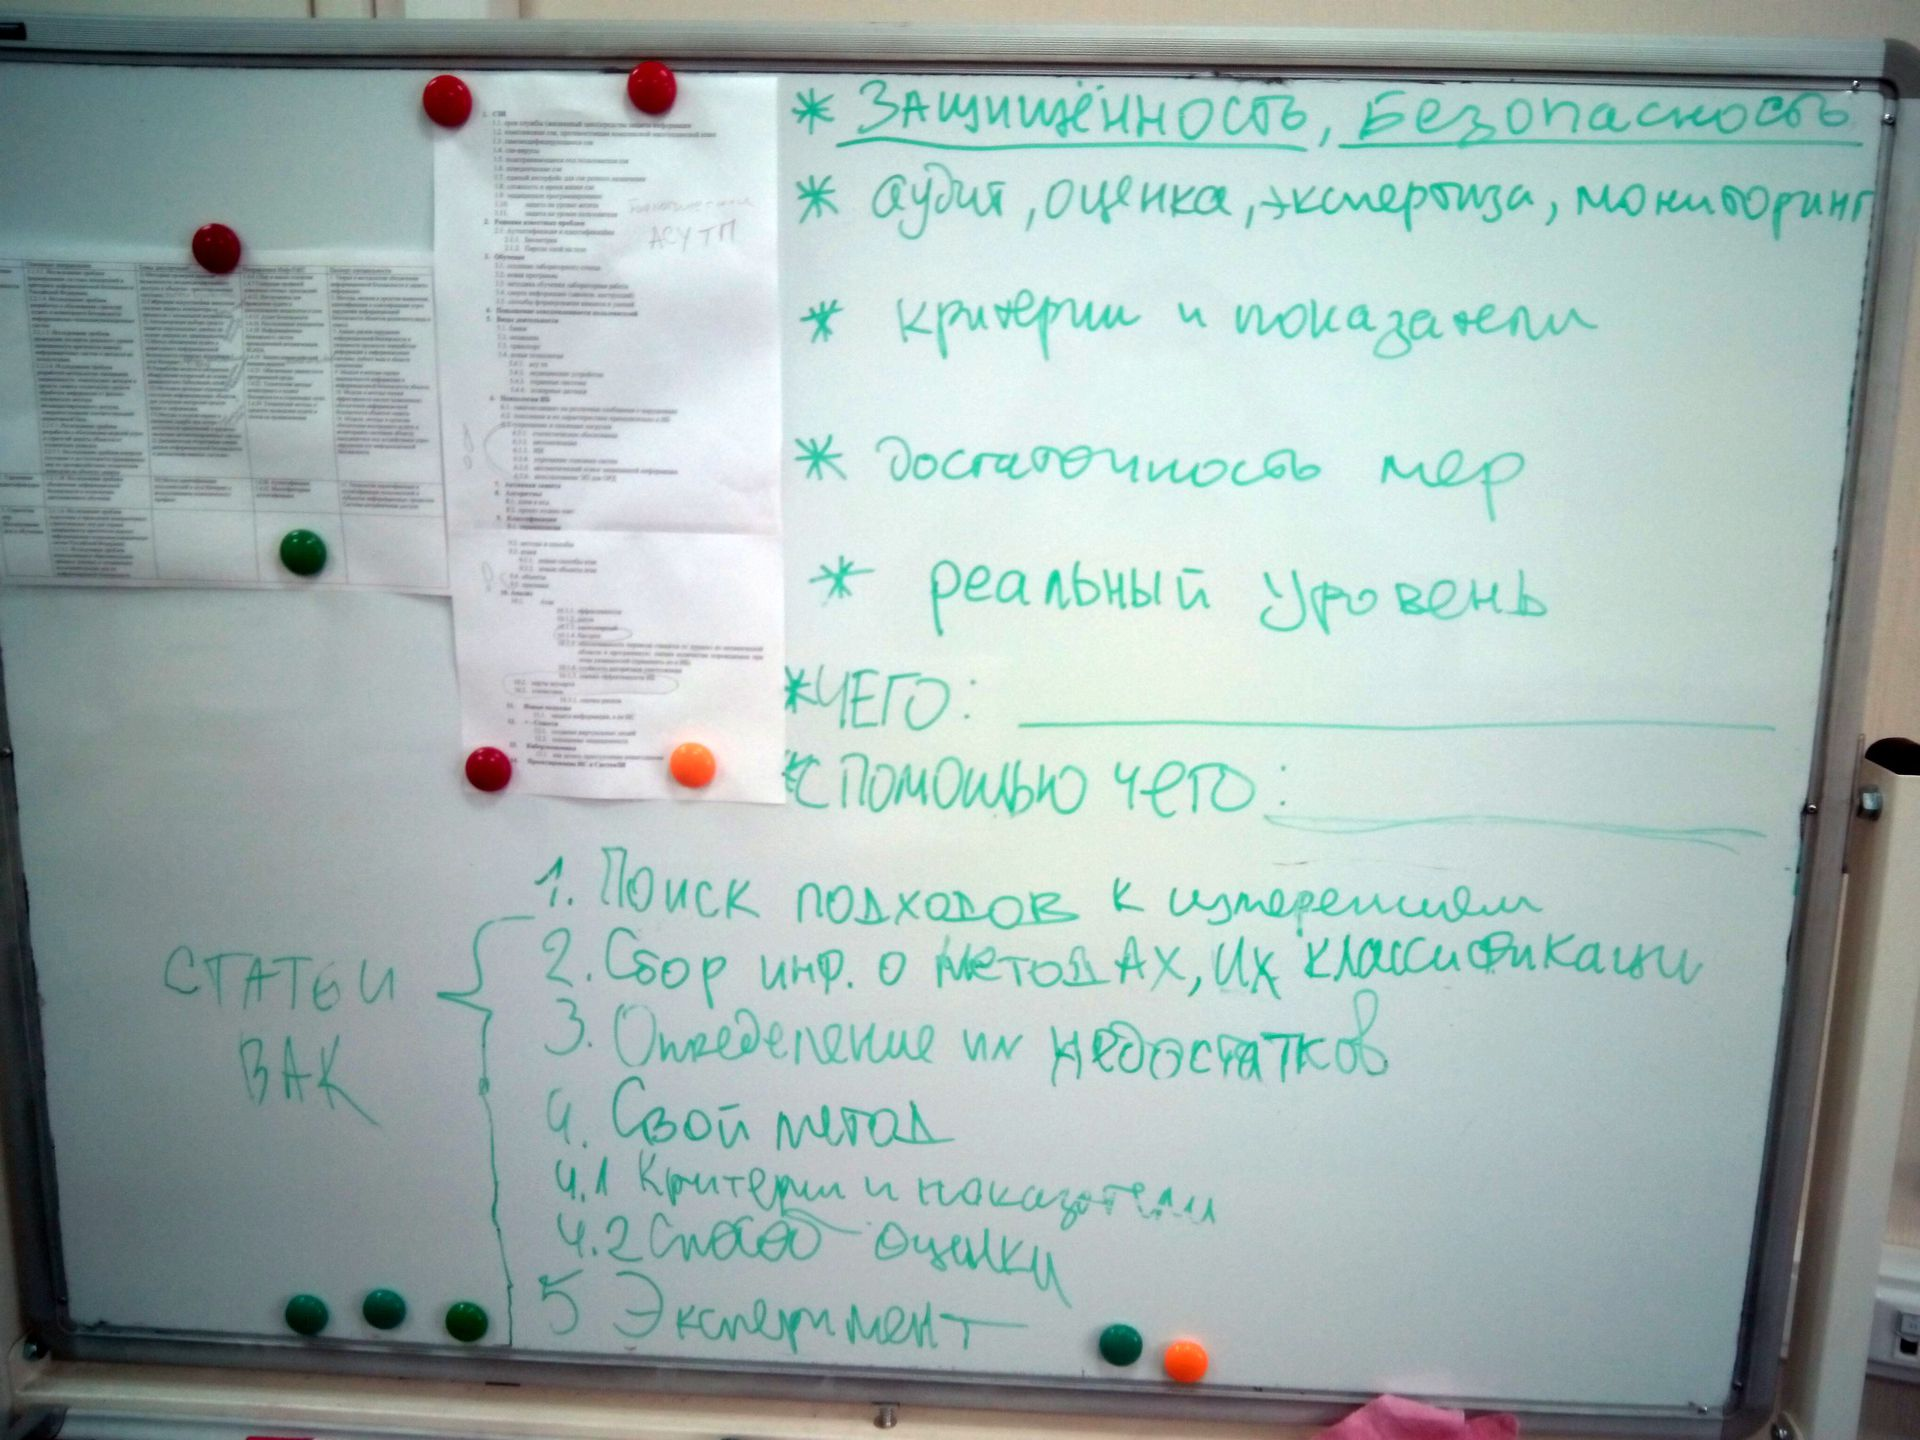 Методика выбора темы диссертации по специальности «Информационная безопасность» - 2